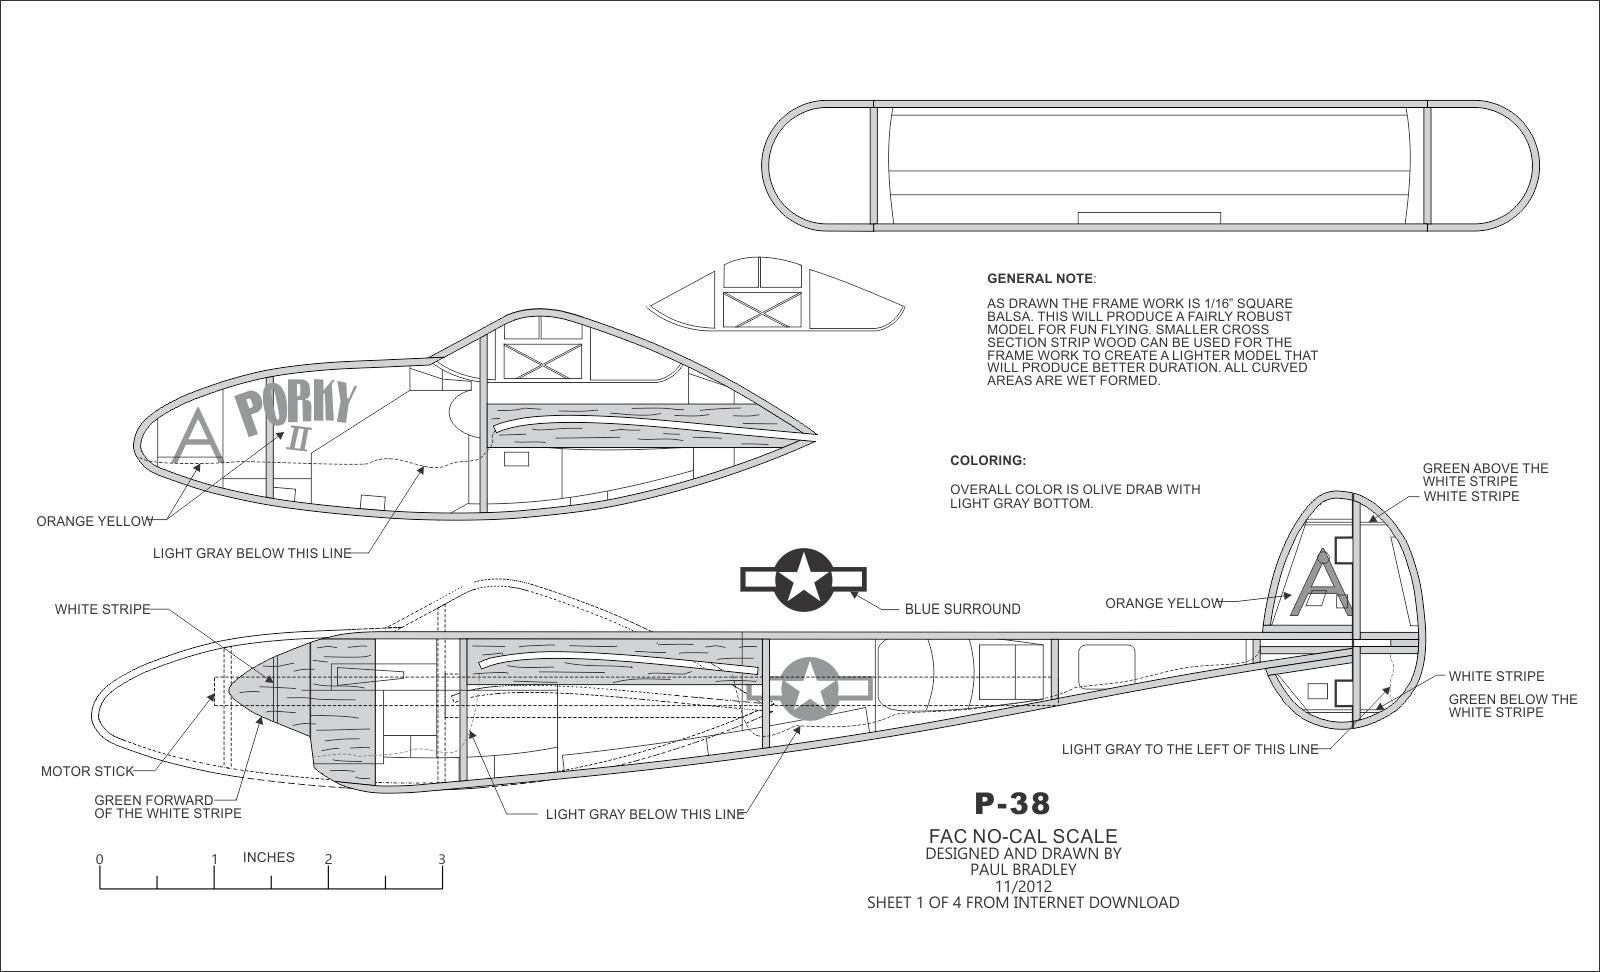 https://0201.nccdn.net/1_2/000/000/13a/8f9/P-38-No-Cal-fuselage.png